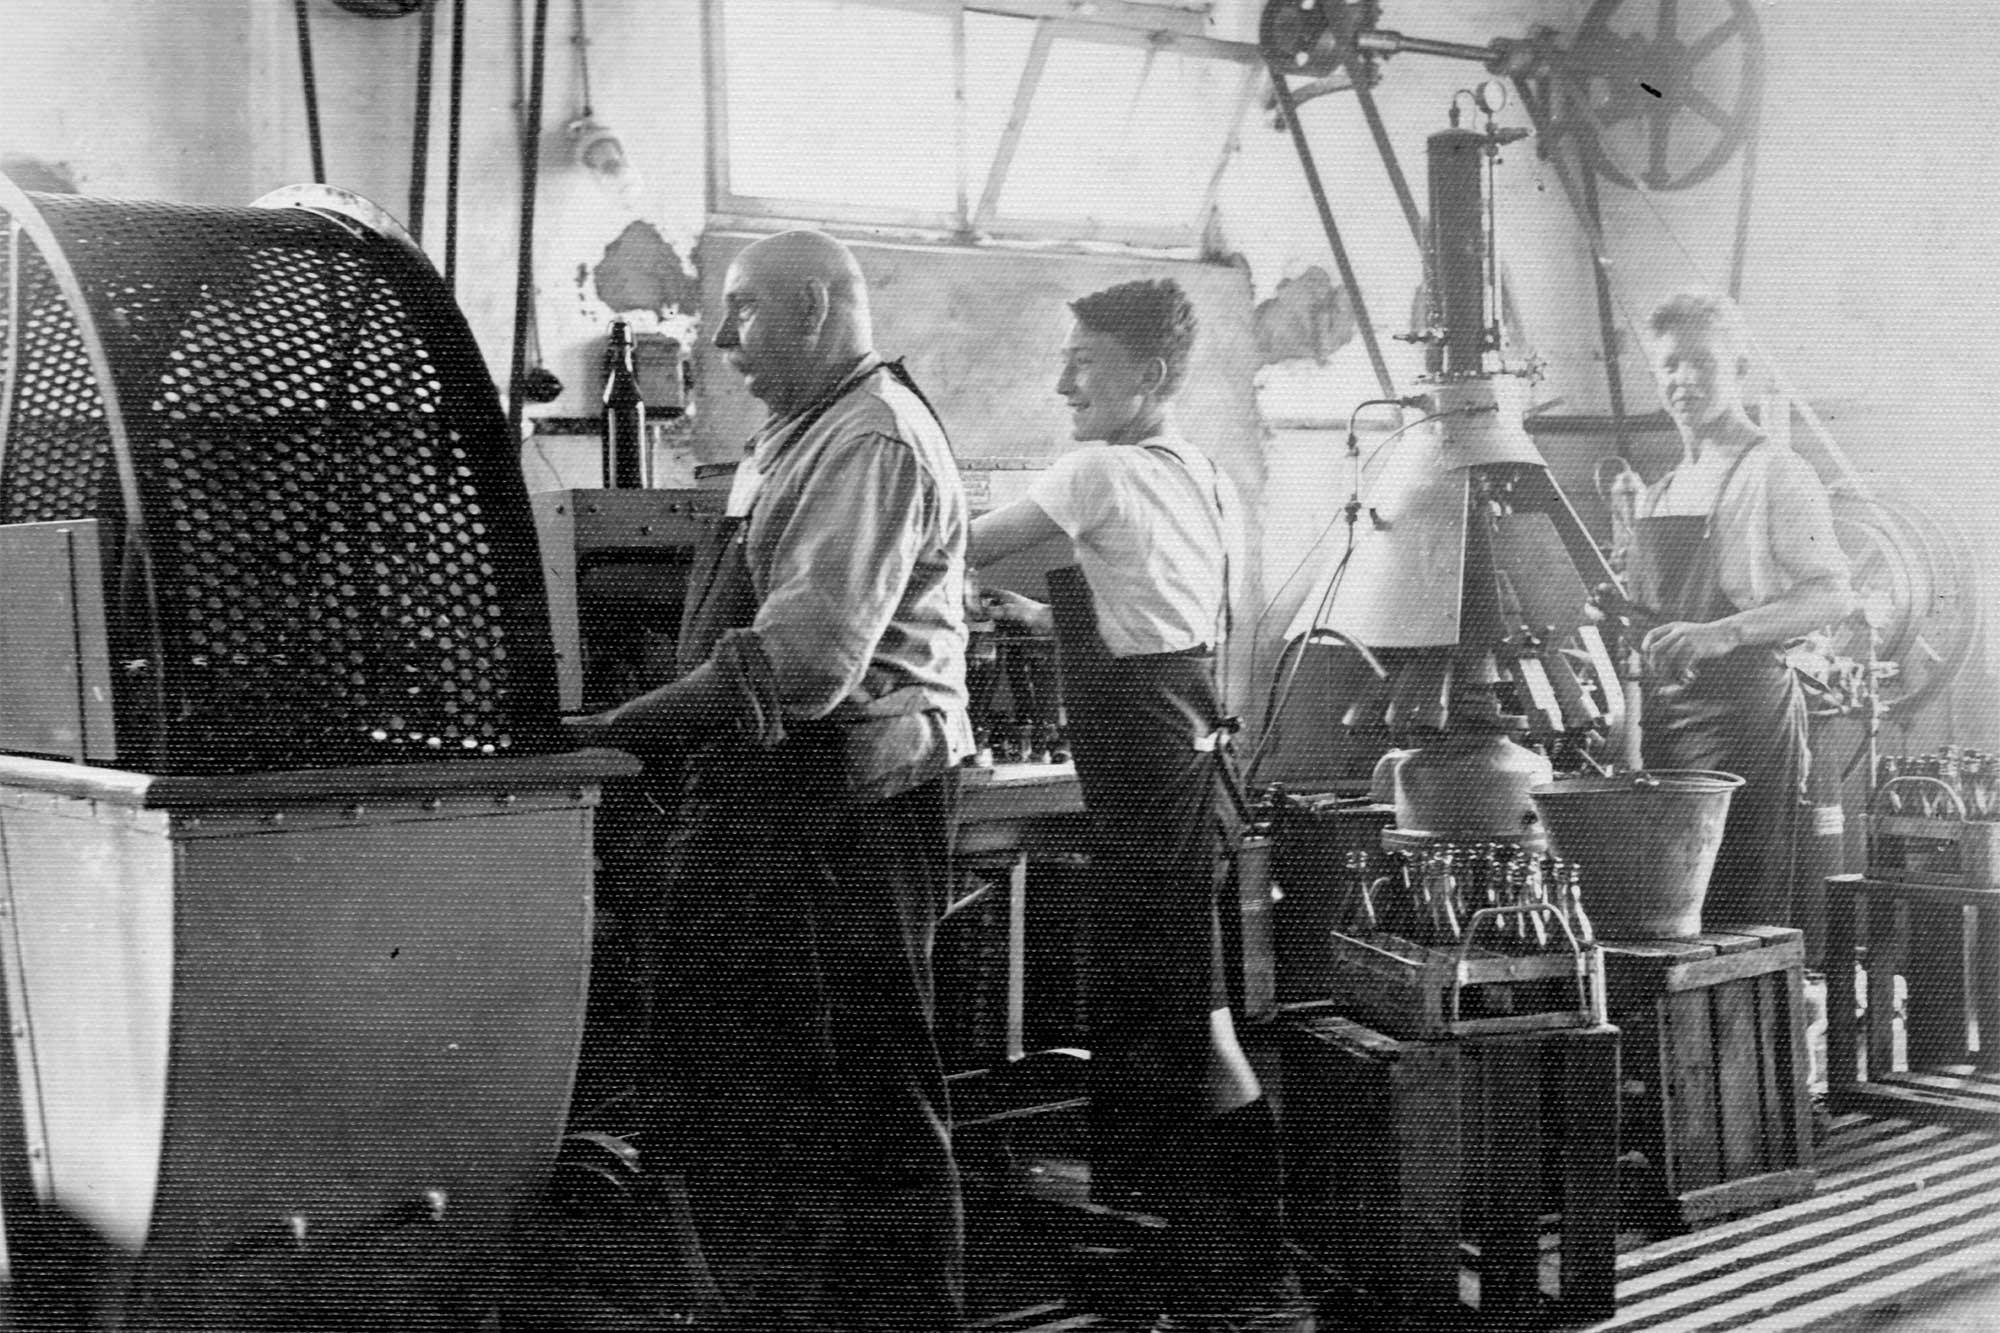 Fortschritt war gerne gesehen ... Eine der ersten Anlagen, mit deren Hilfe Getränke in Flaschen abgefüllt wurden, benutzte die Firma Spielmann schon im Jahr 1929.